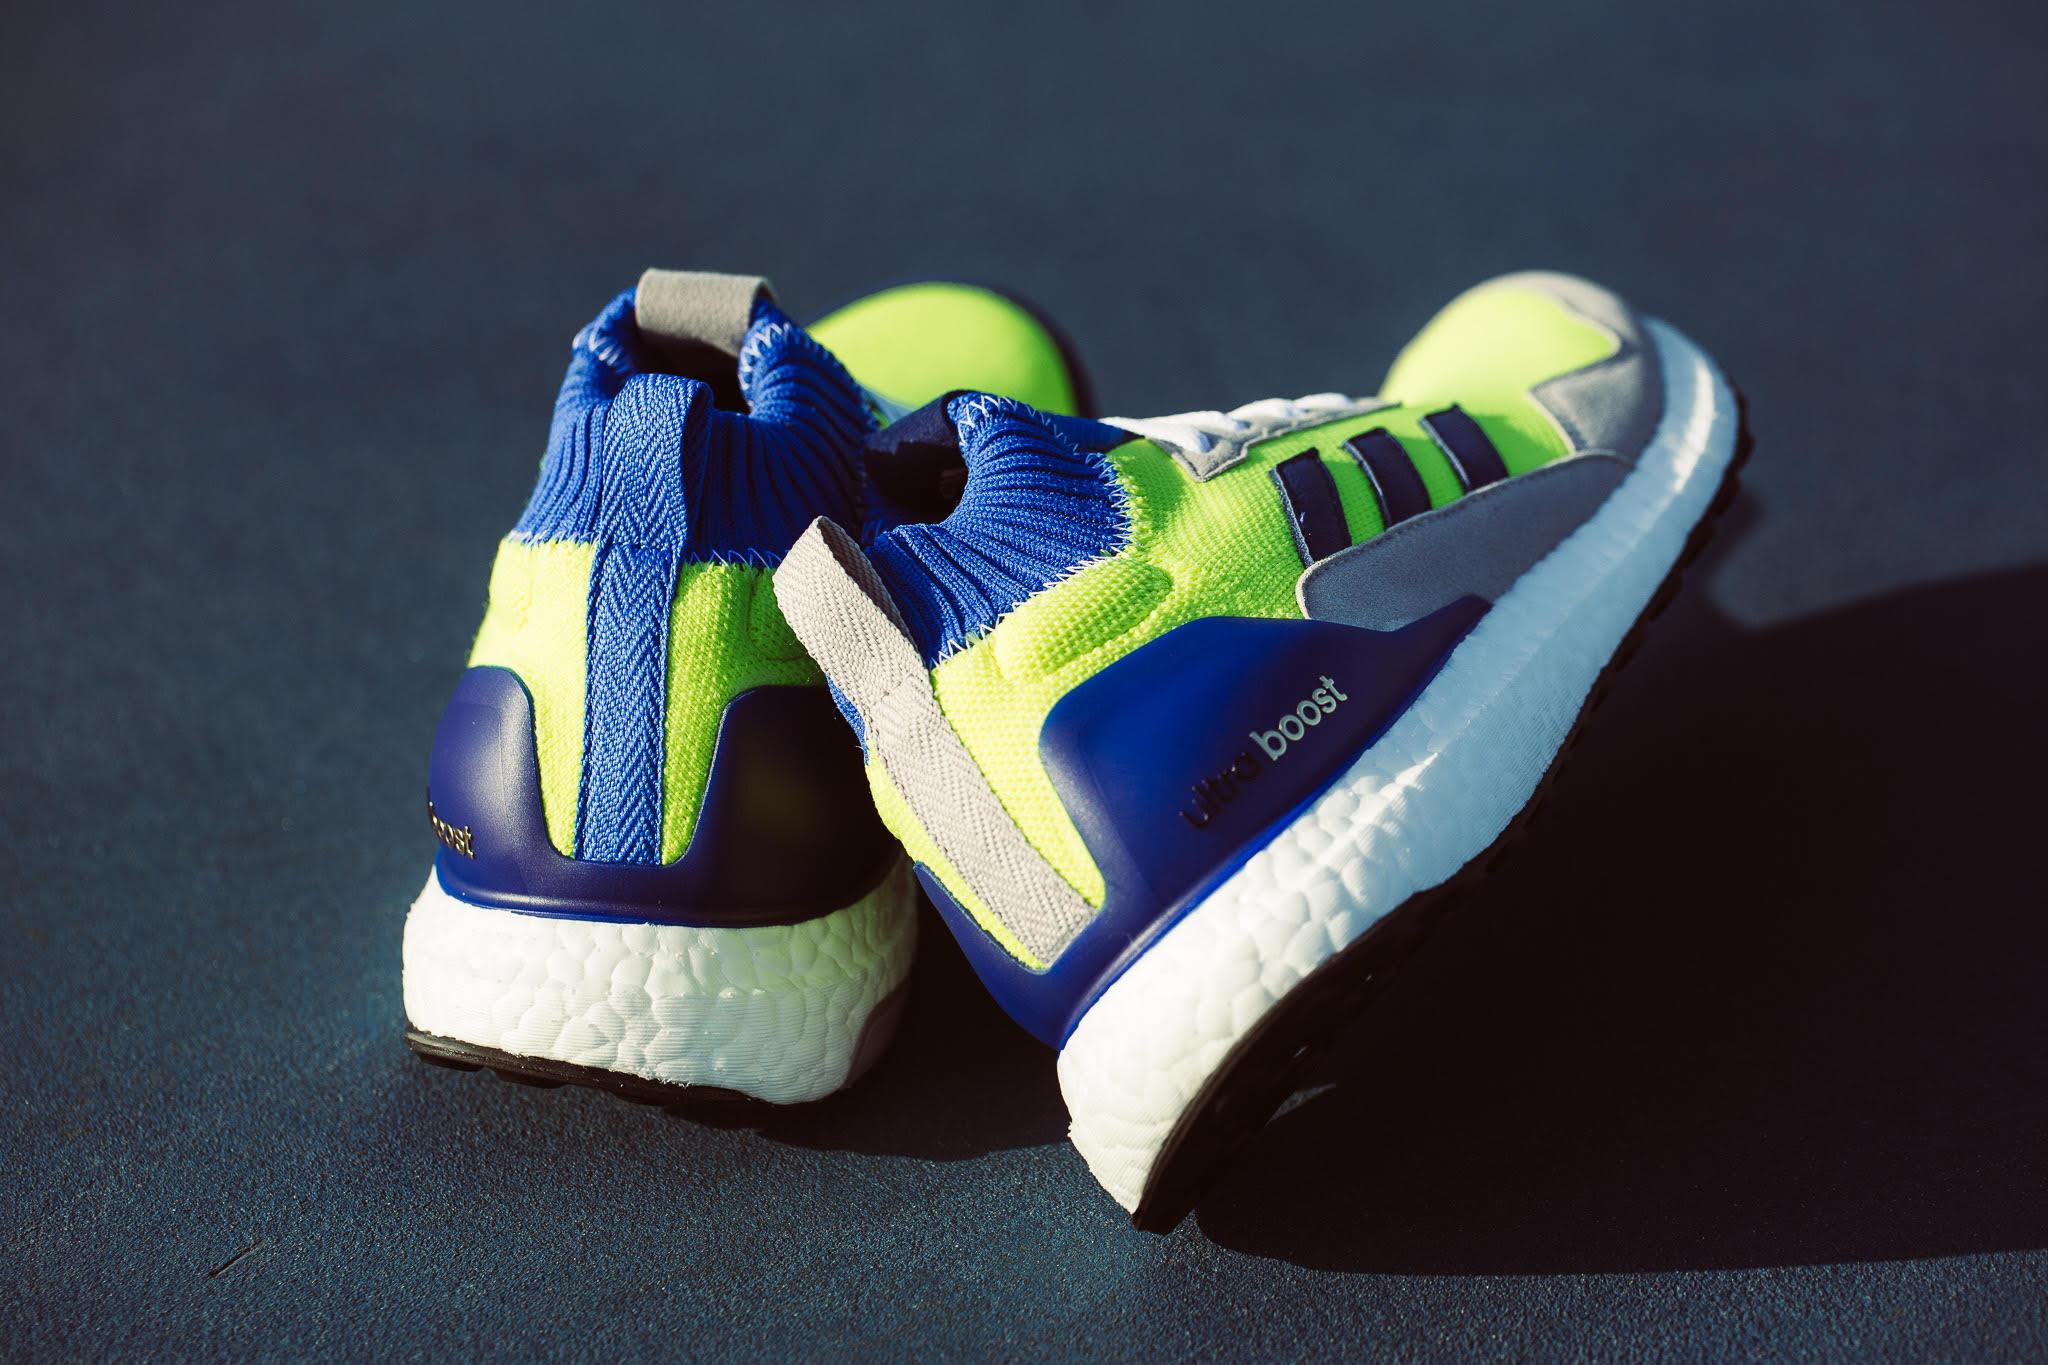 Adidas Consortium Ultra Boost Mid Prototype Release Date BD7399 Heel